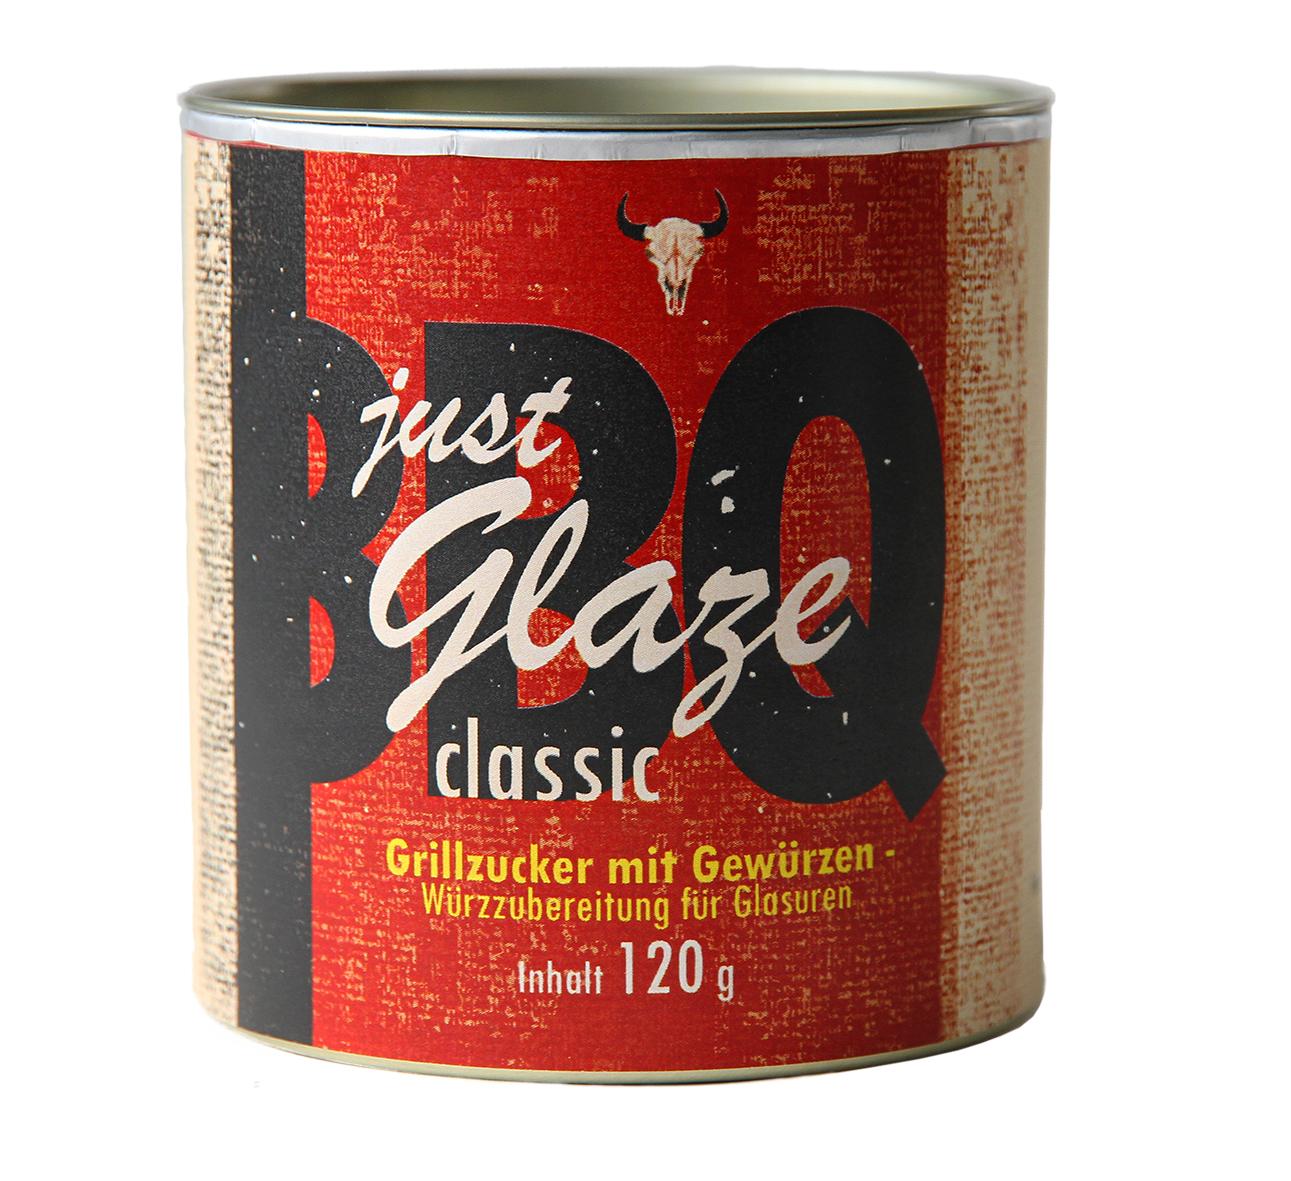 Just Glaze, Classic, Bio Grillzucker mit Gewürzen  Füllgewicht: 120g